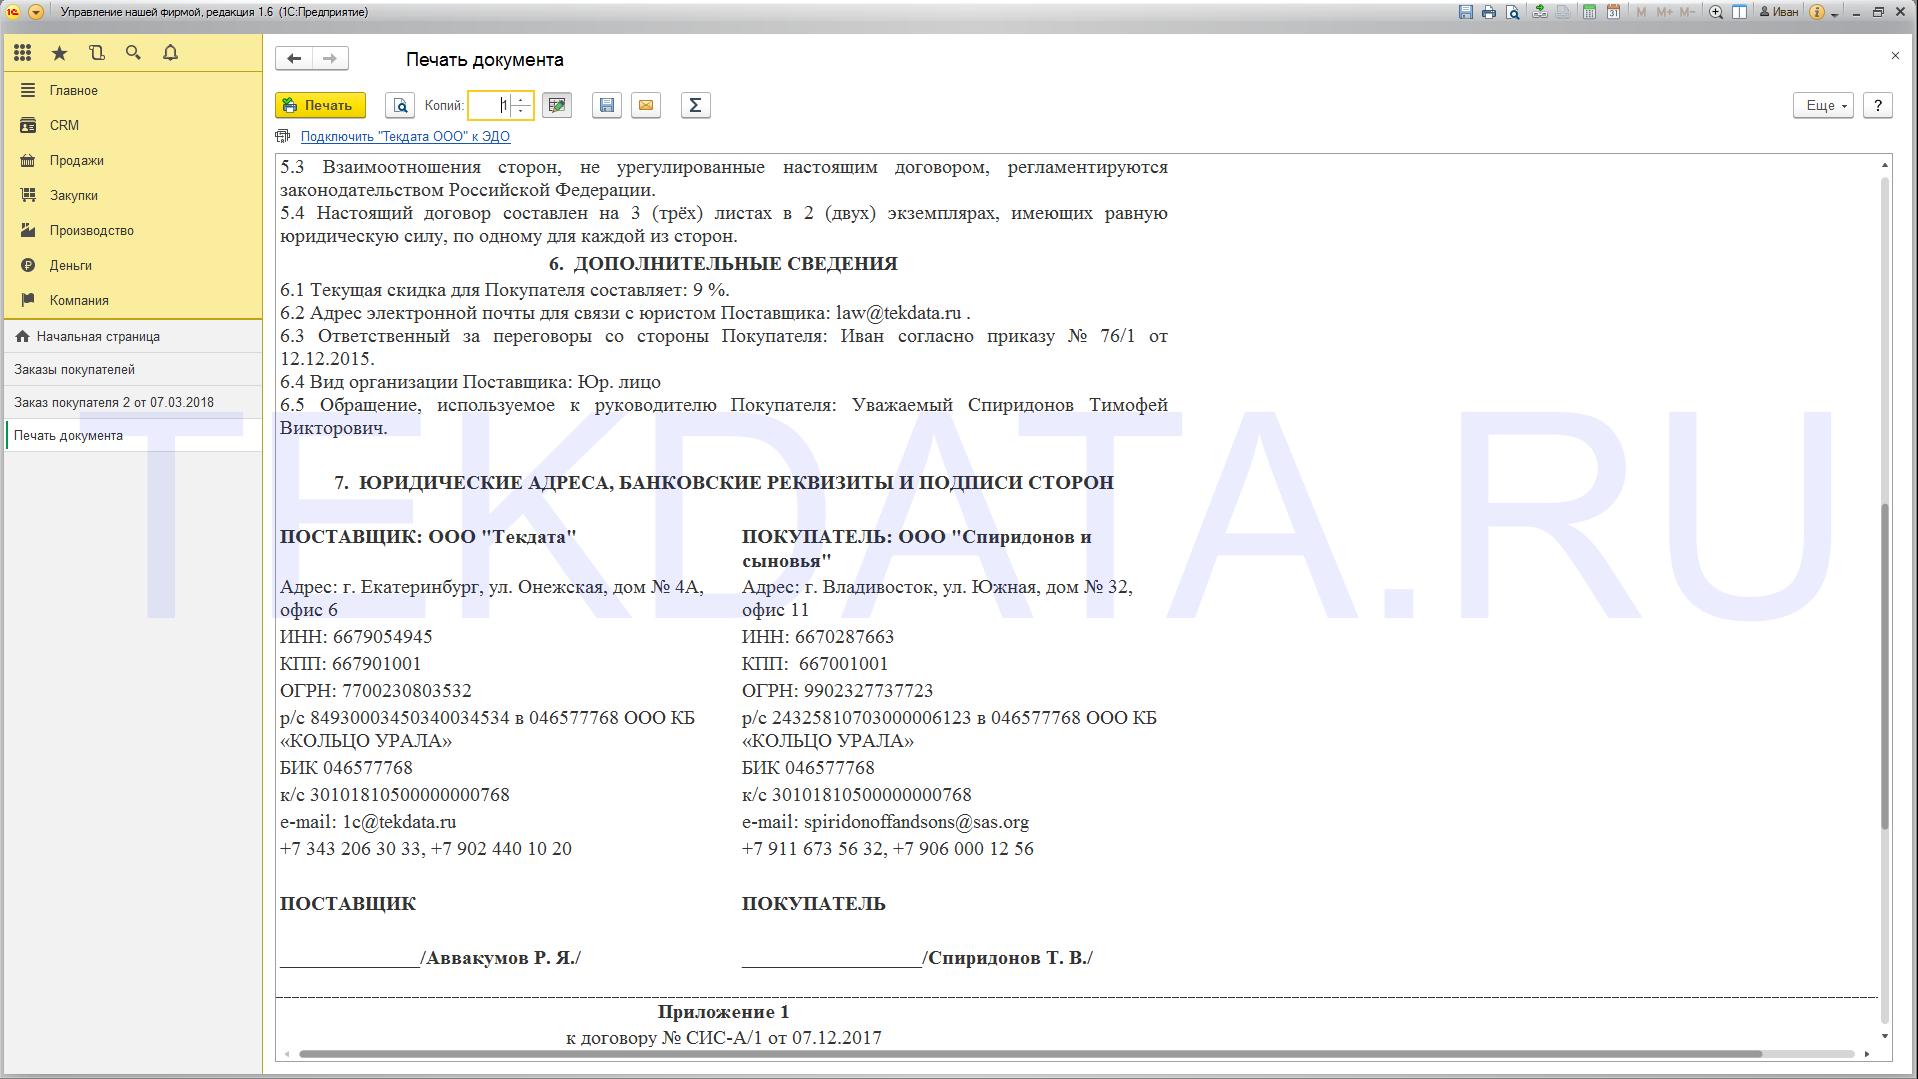 Универсальная печатная форма договора для 1С: УНФ 1.6(внешняя обработка *.epf) | tekdata.ru